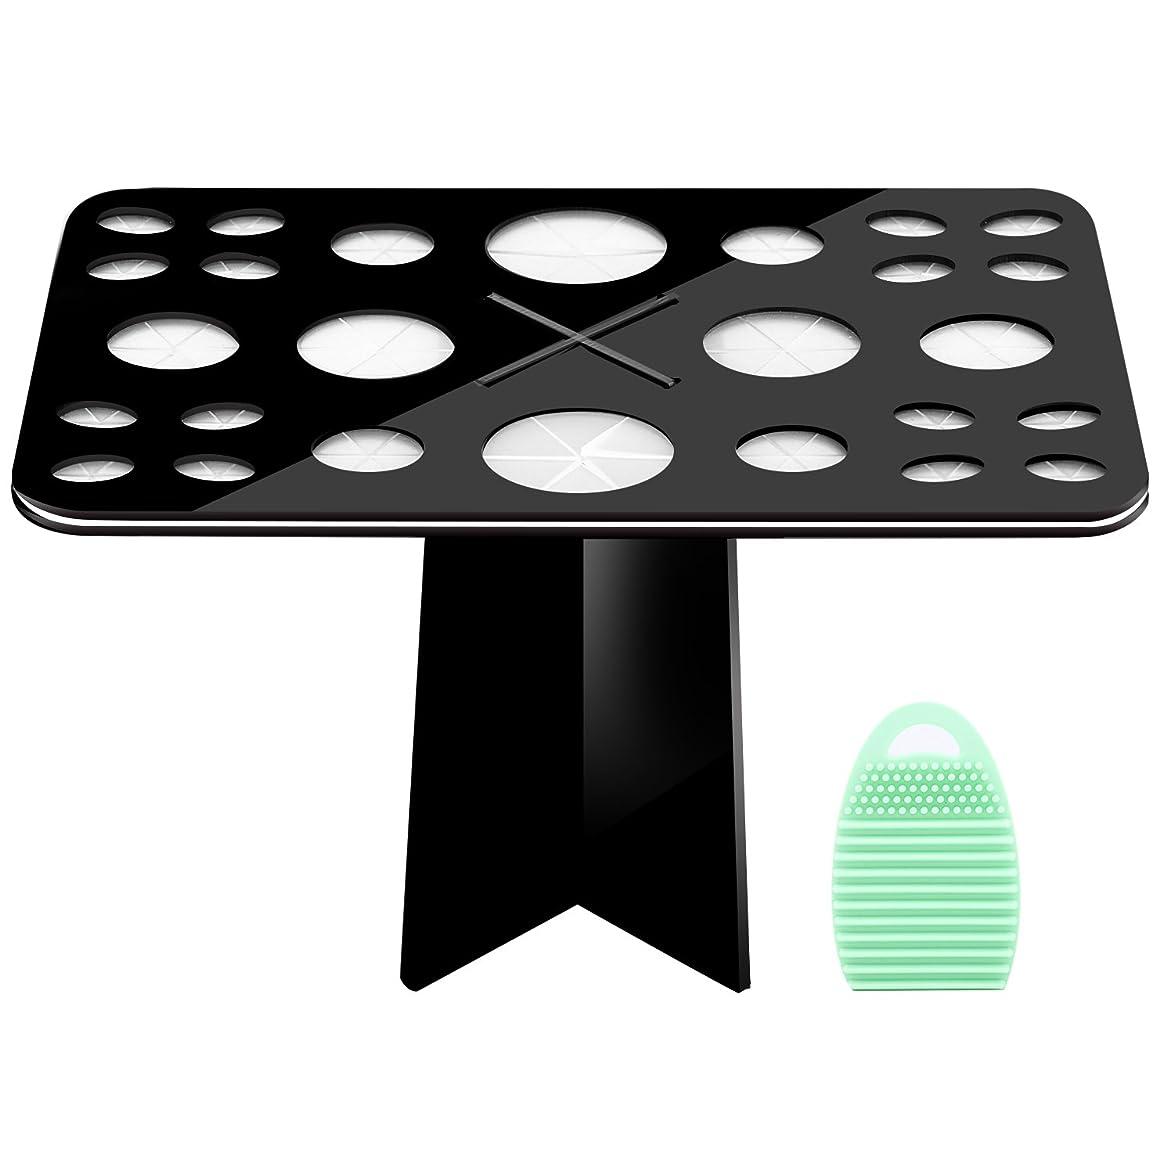 メイクブラシスタンド+メイクブラシクリーナーセット - Luxspire コスメホルダー 小型軽量の洗濯板 ブラシ洗濯とブラシ乾かすのに最適